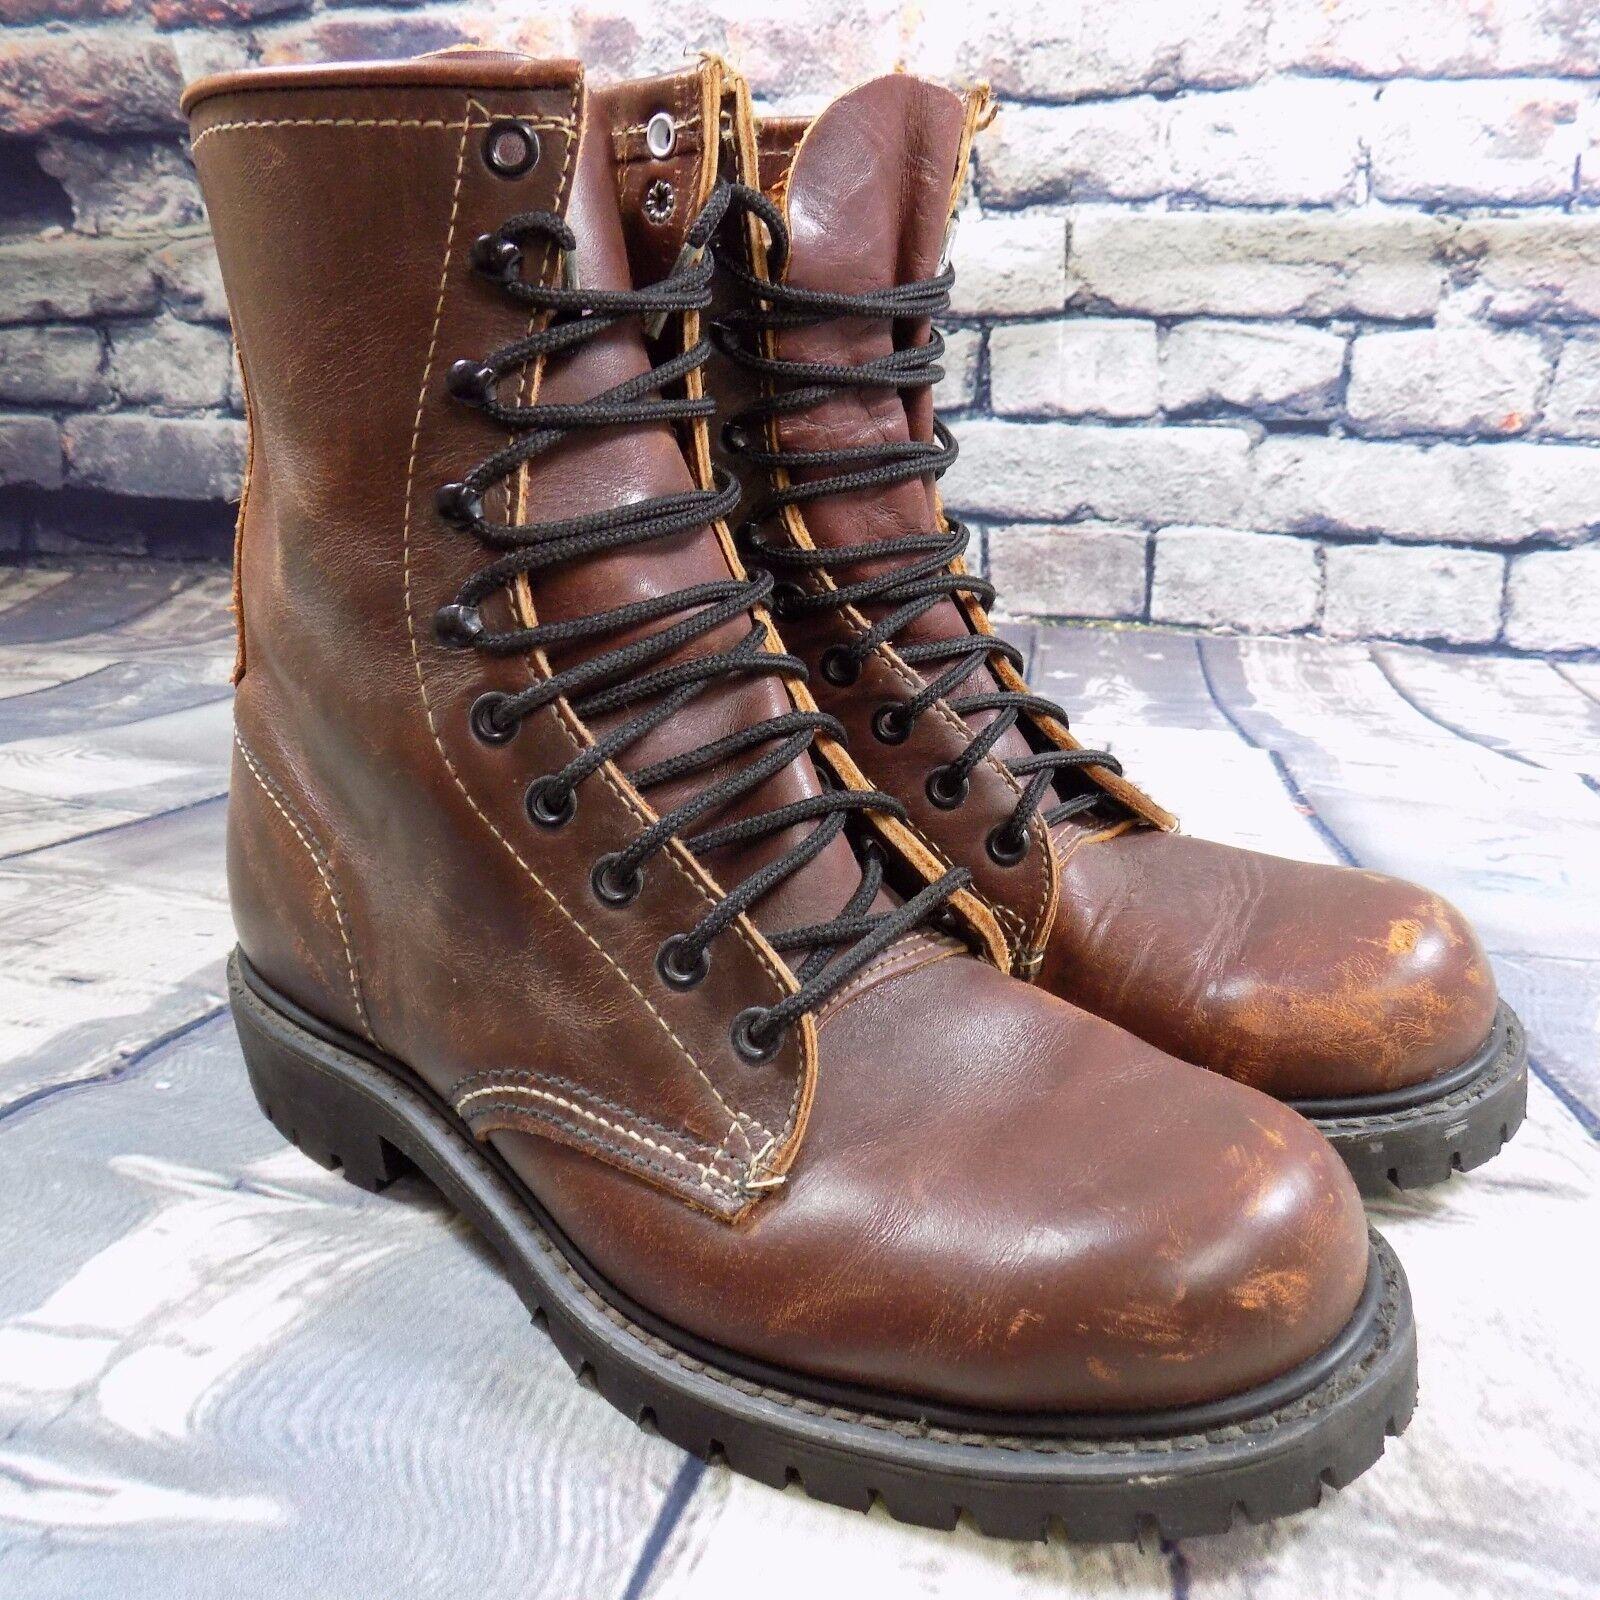 Motani Leather Hunting Boots Lug USA Made Vintage Size 7E (Fits Like Men's Sz 9)